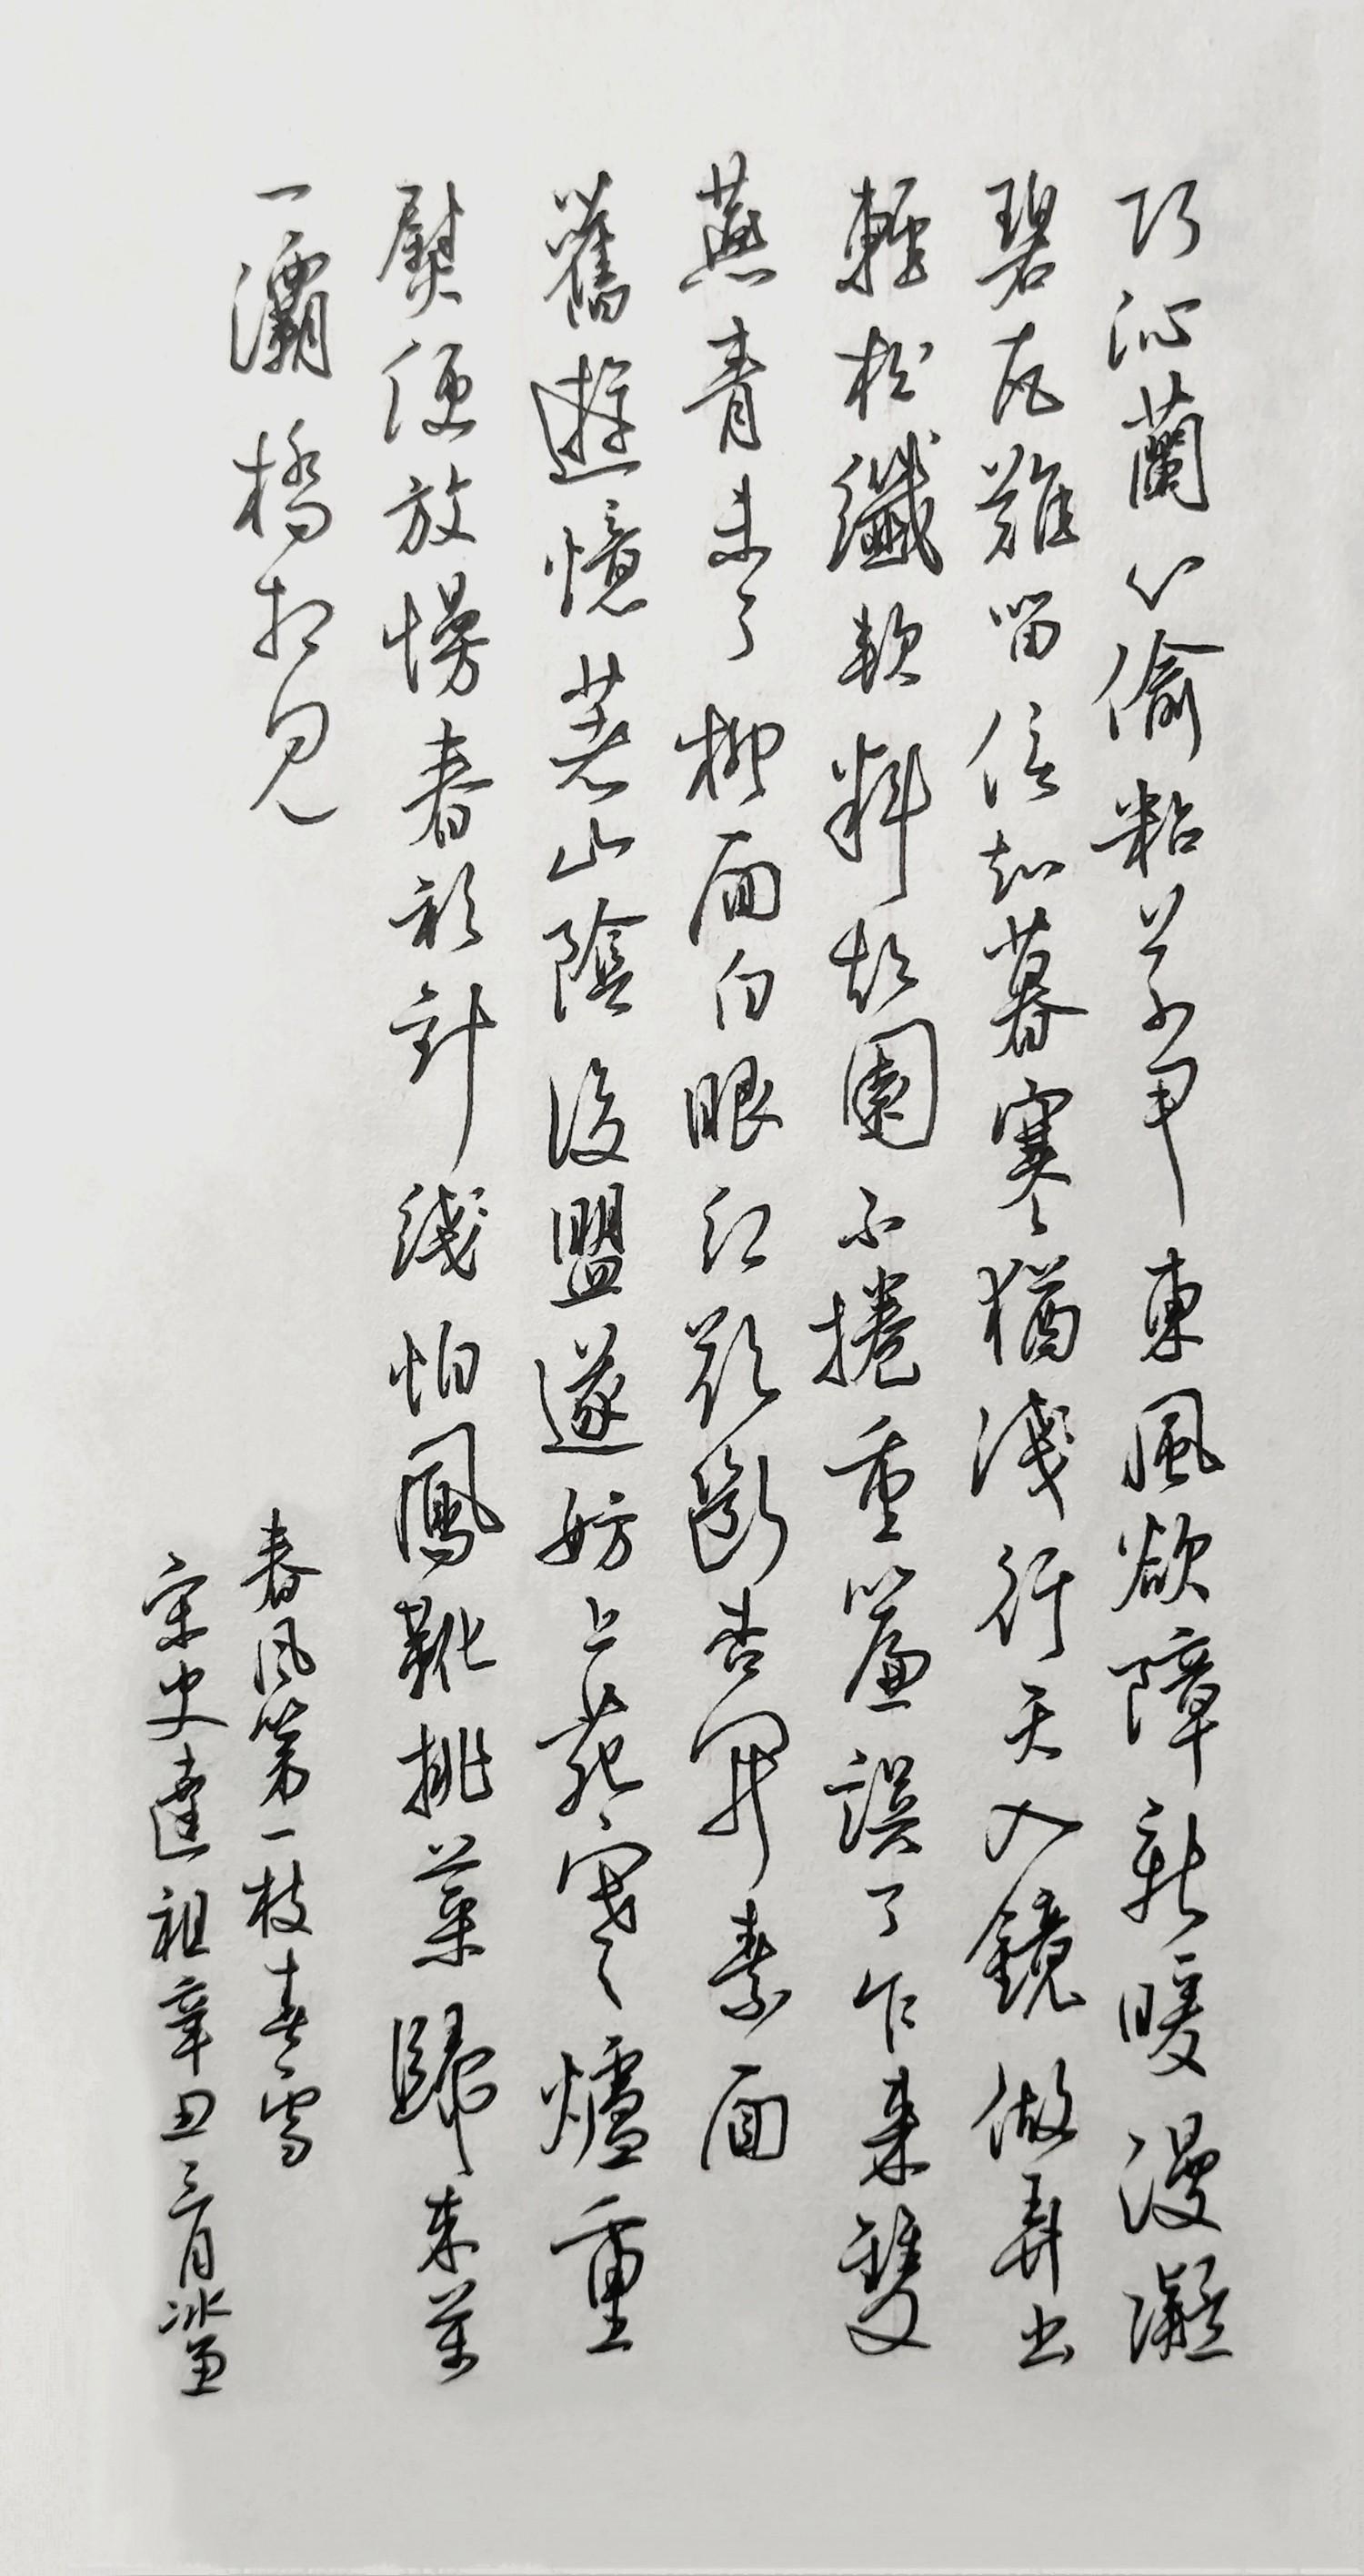 钢笔书法练字打卡20210511-06